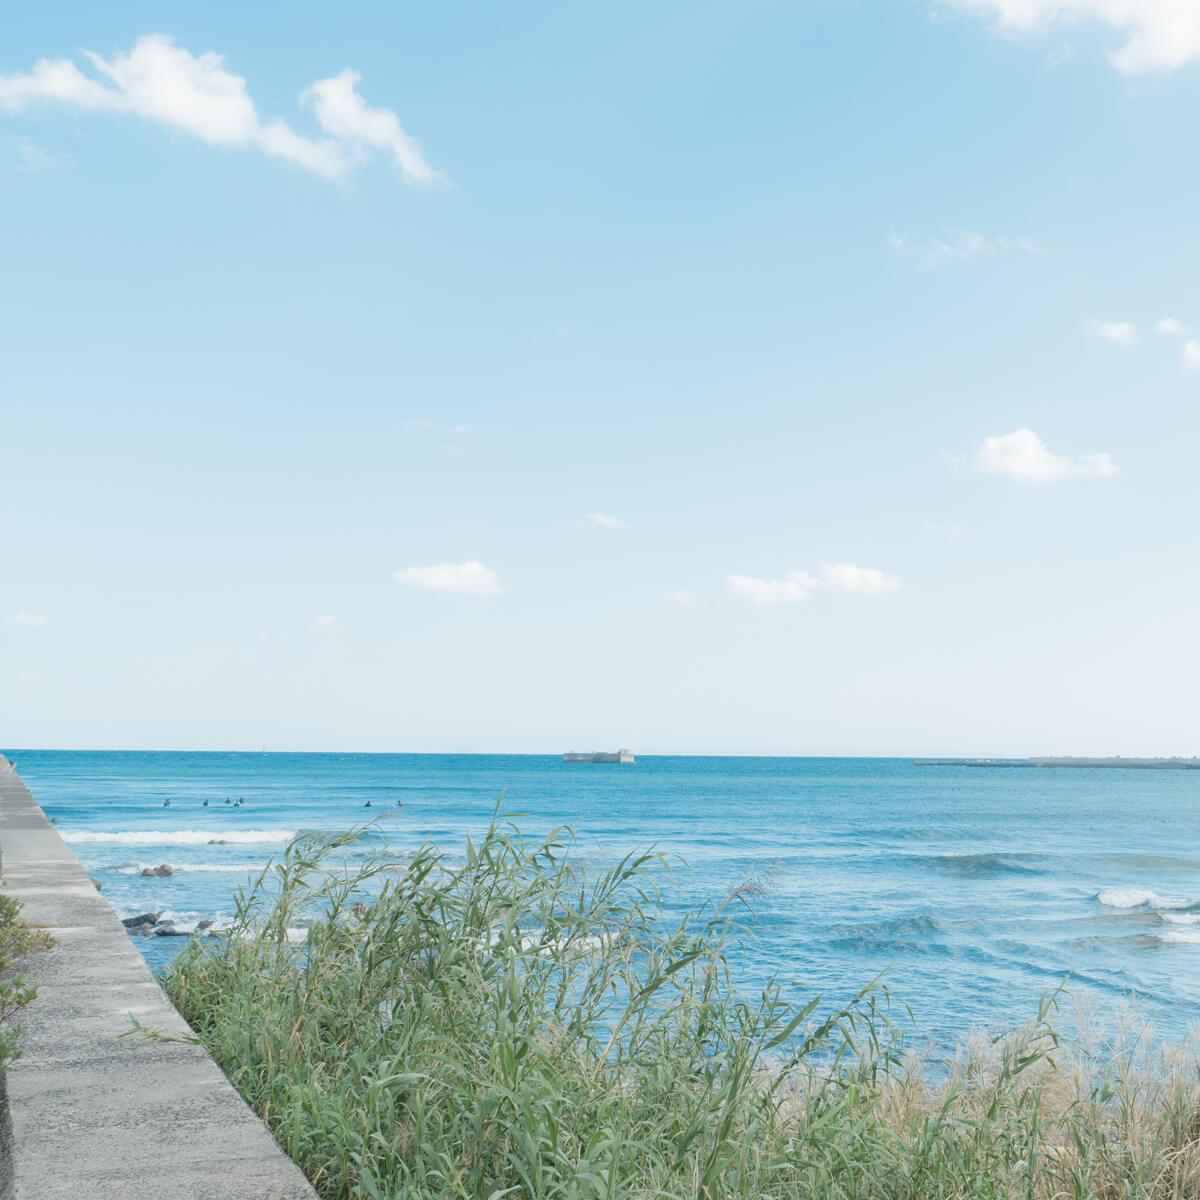 オパール色の海 屋久島海とジュエリー オーダーメイドマリッジリングのインスピレーション